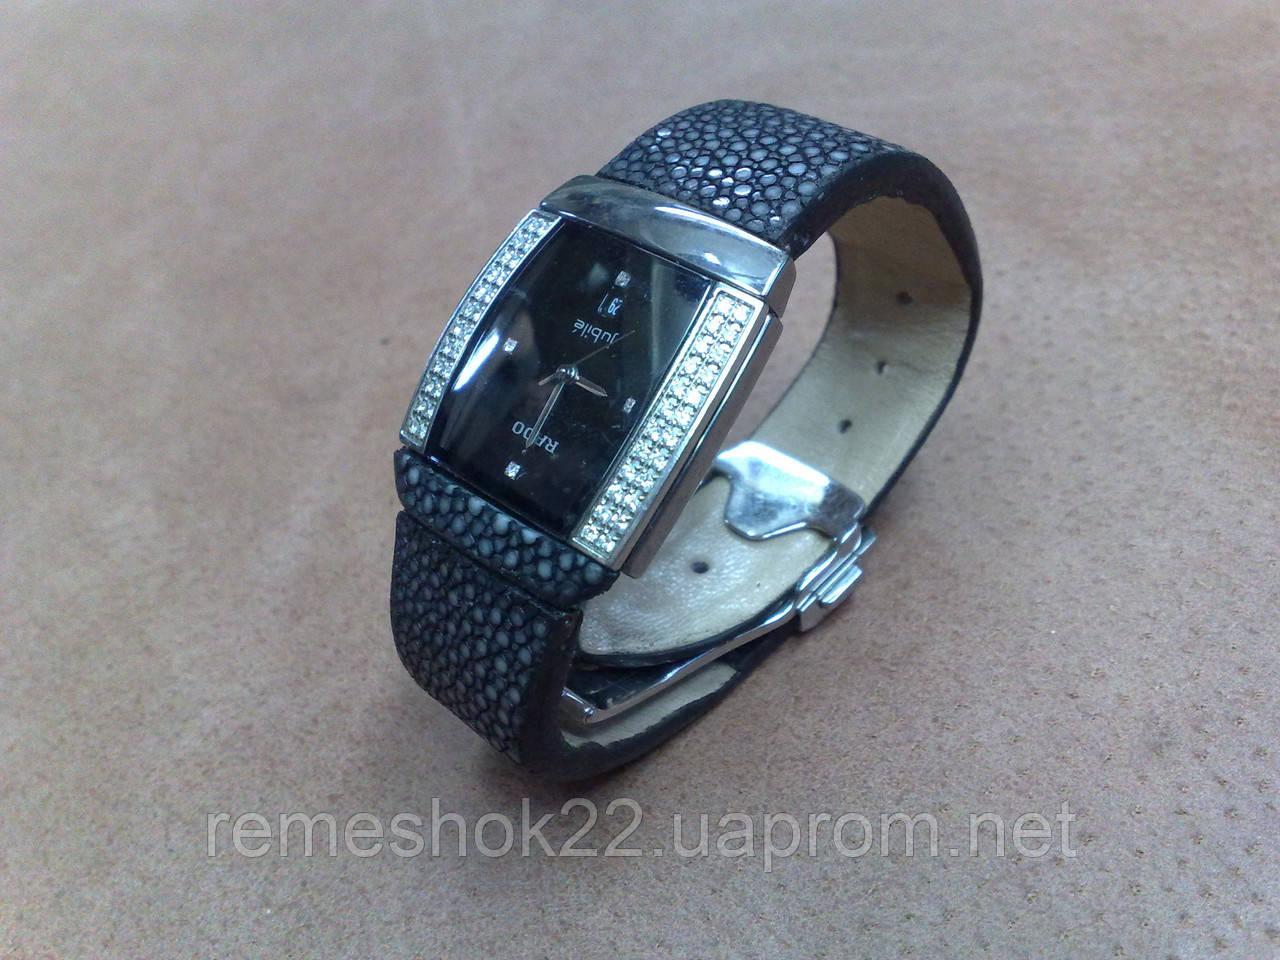 Заказать Ремешок из СКАТА для часов RADO в Киеве от мастерской по ... c160937cc47ed